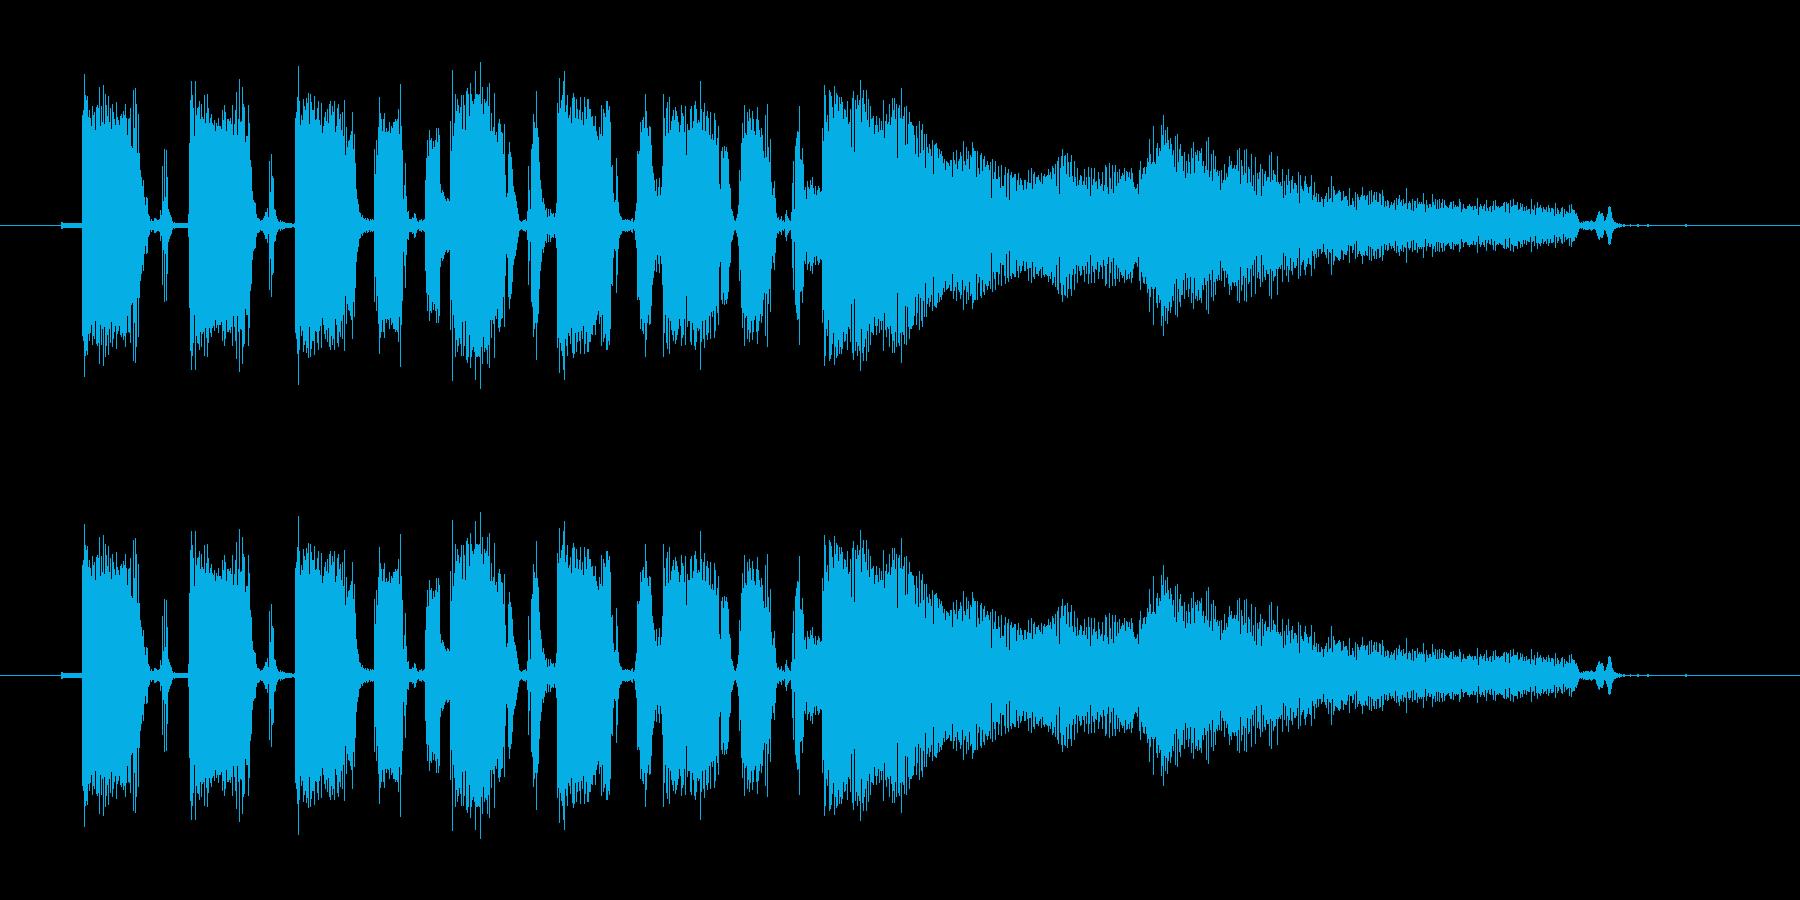 テープで録音されたようなギターのジングルの再生済みの波形